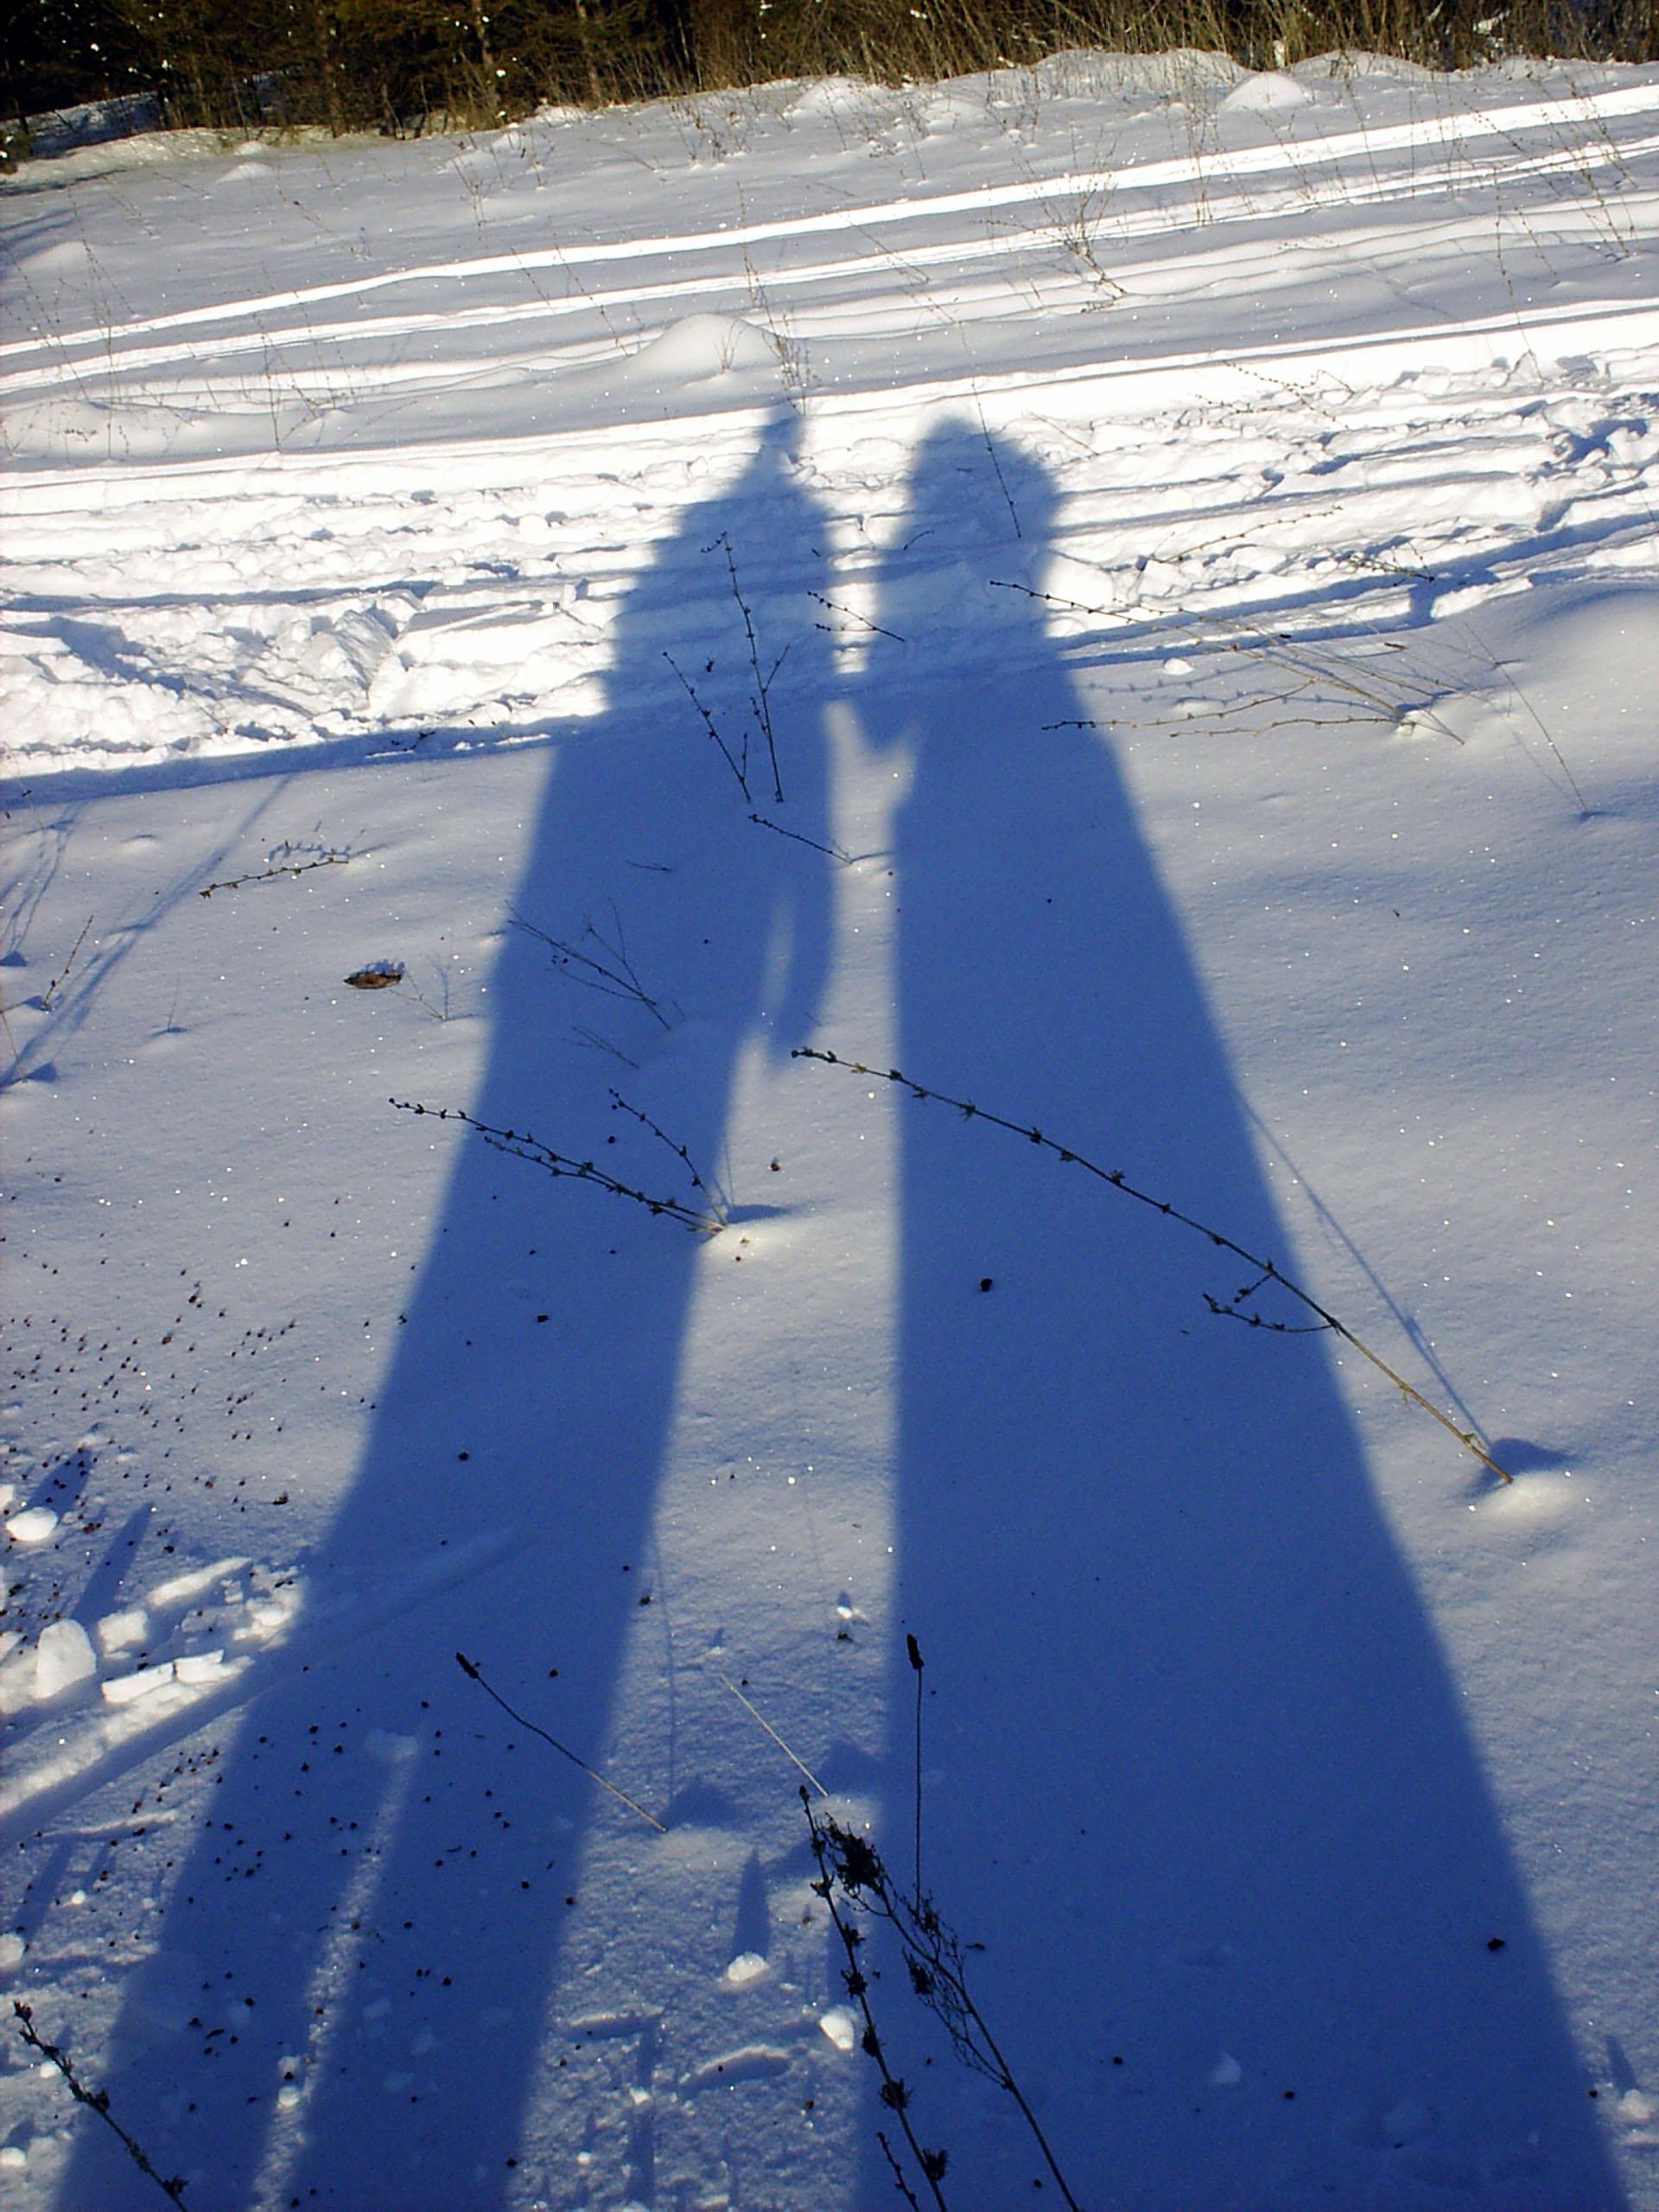 Тени на снегу. Блиц: тени